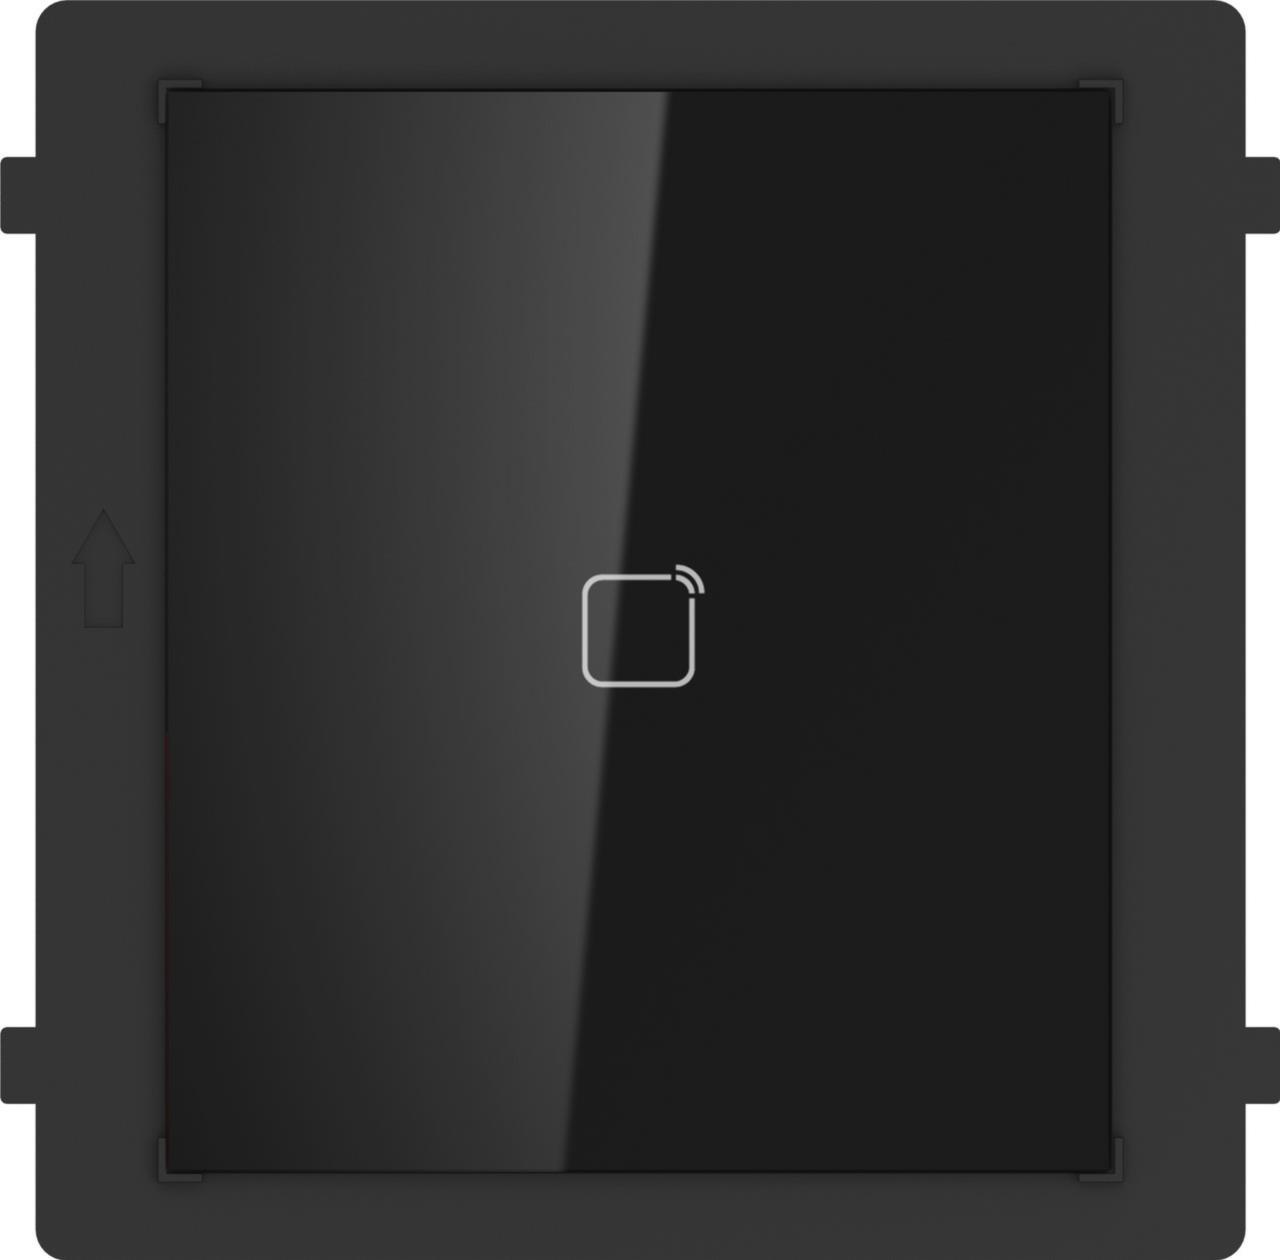 Kartenleser Modul, Mifare Karten 13,56 MHz